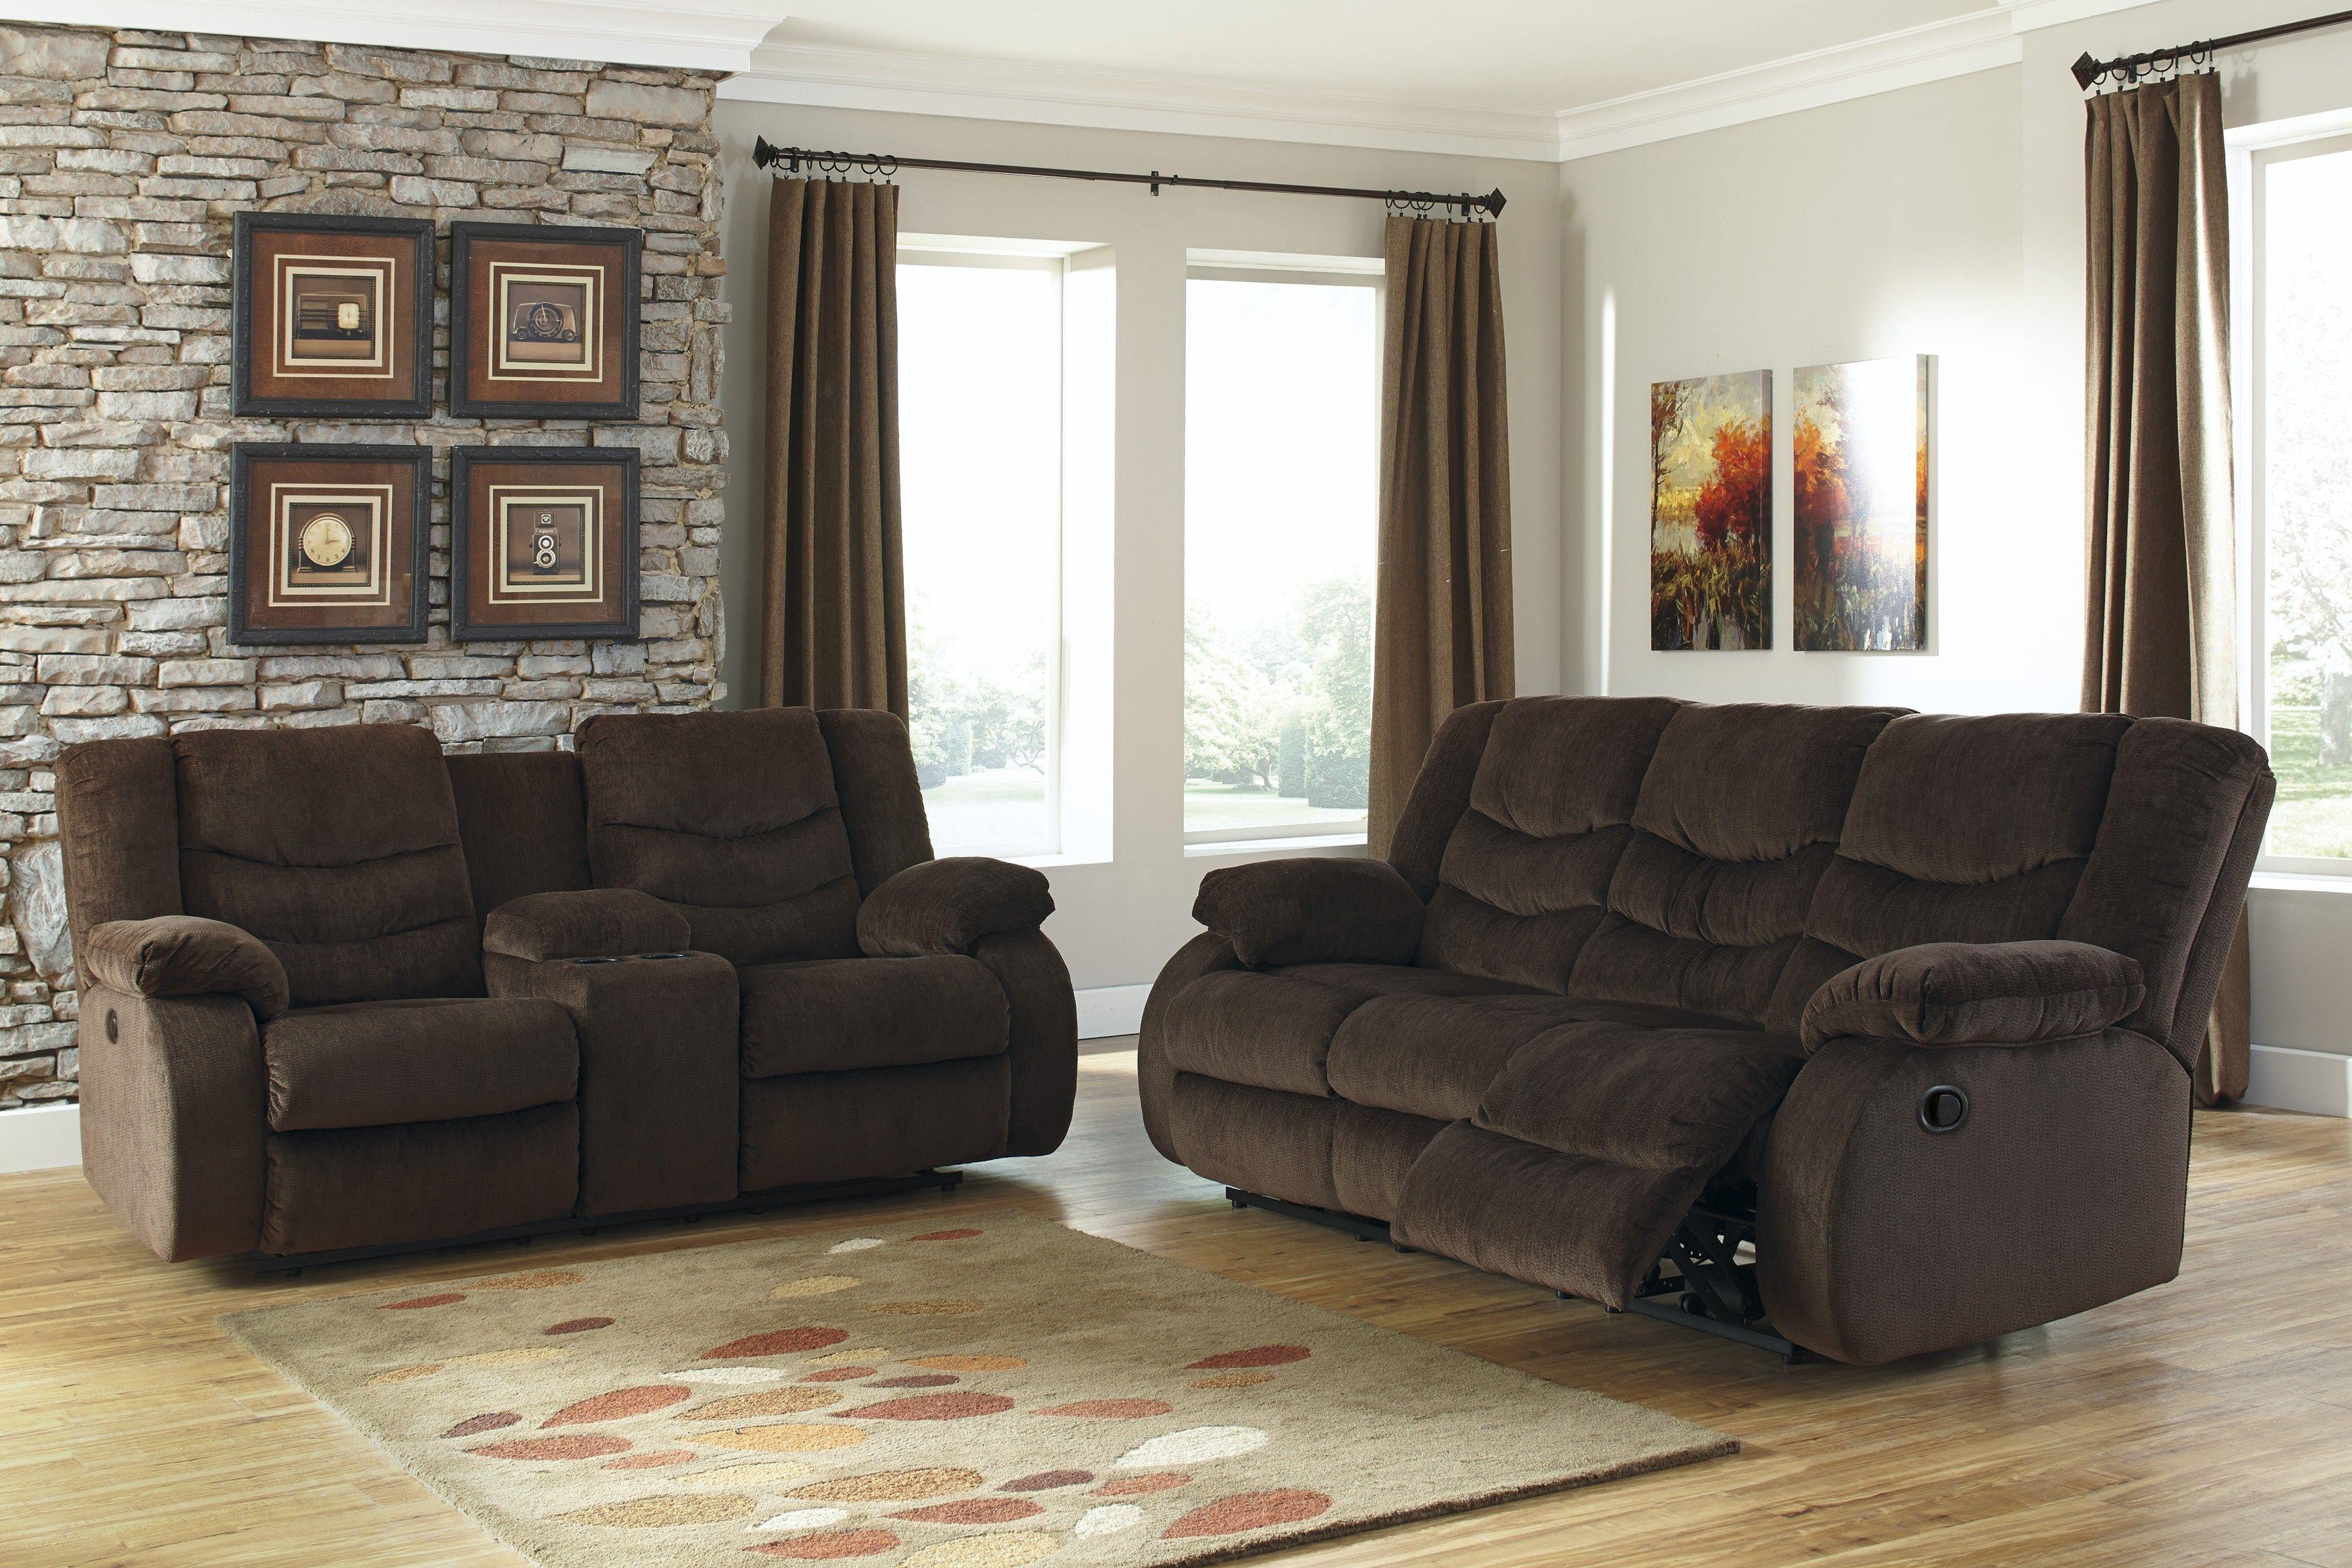 Wohnzimmer Sets Ashley Möbel Es Gibt Viele Wege, Die Zum Hinzufügen Von  Farbe Und Textur